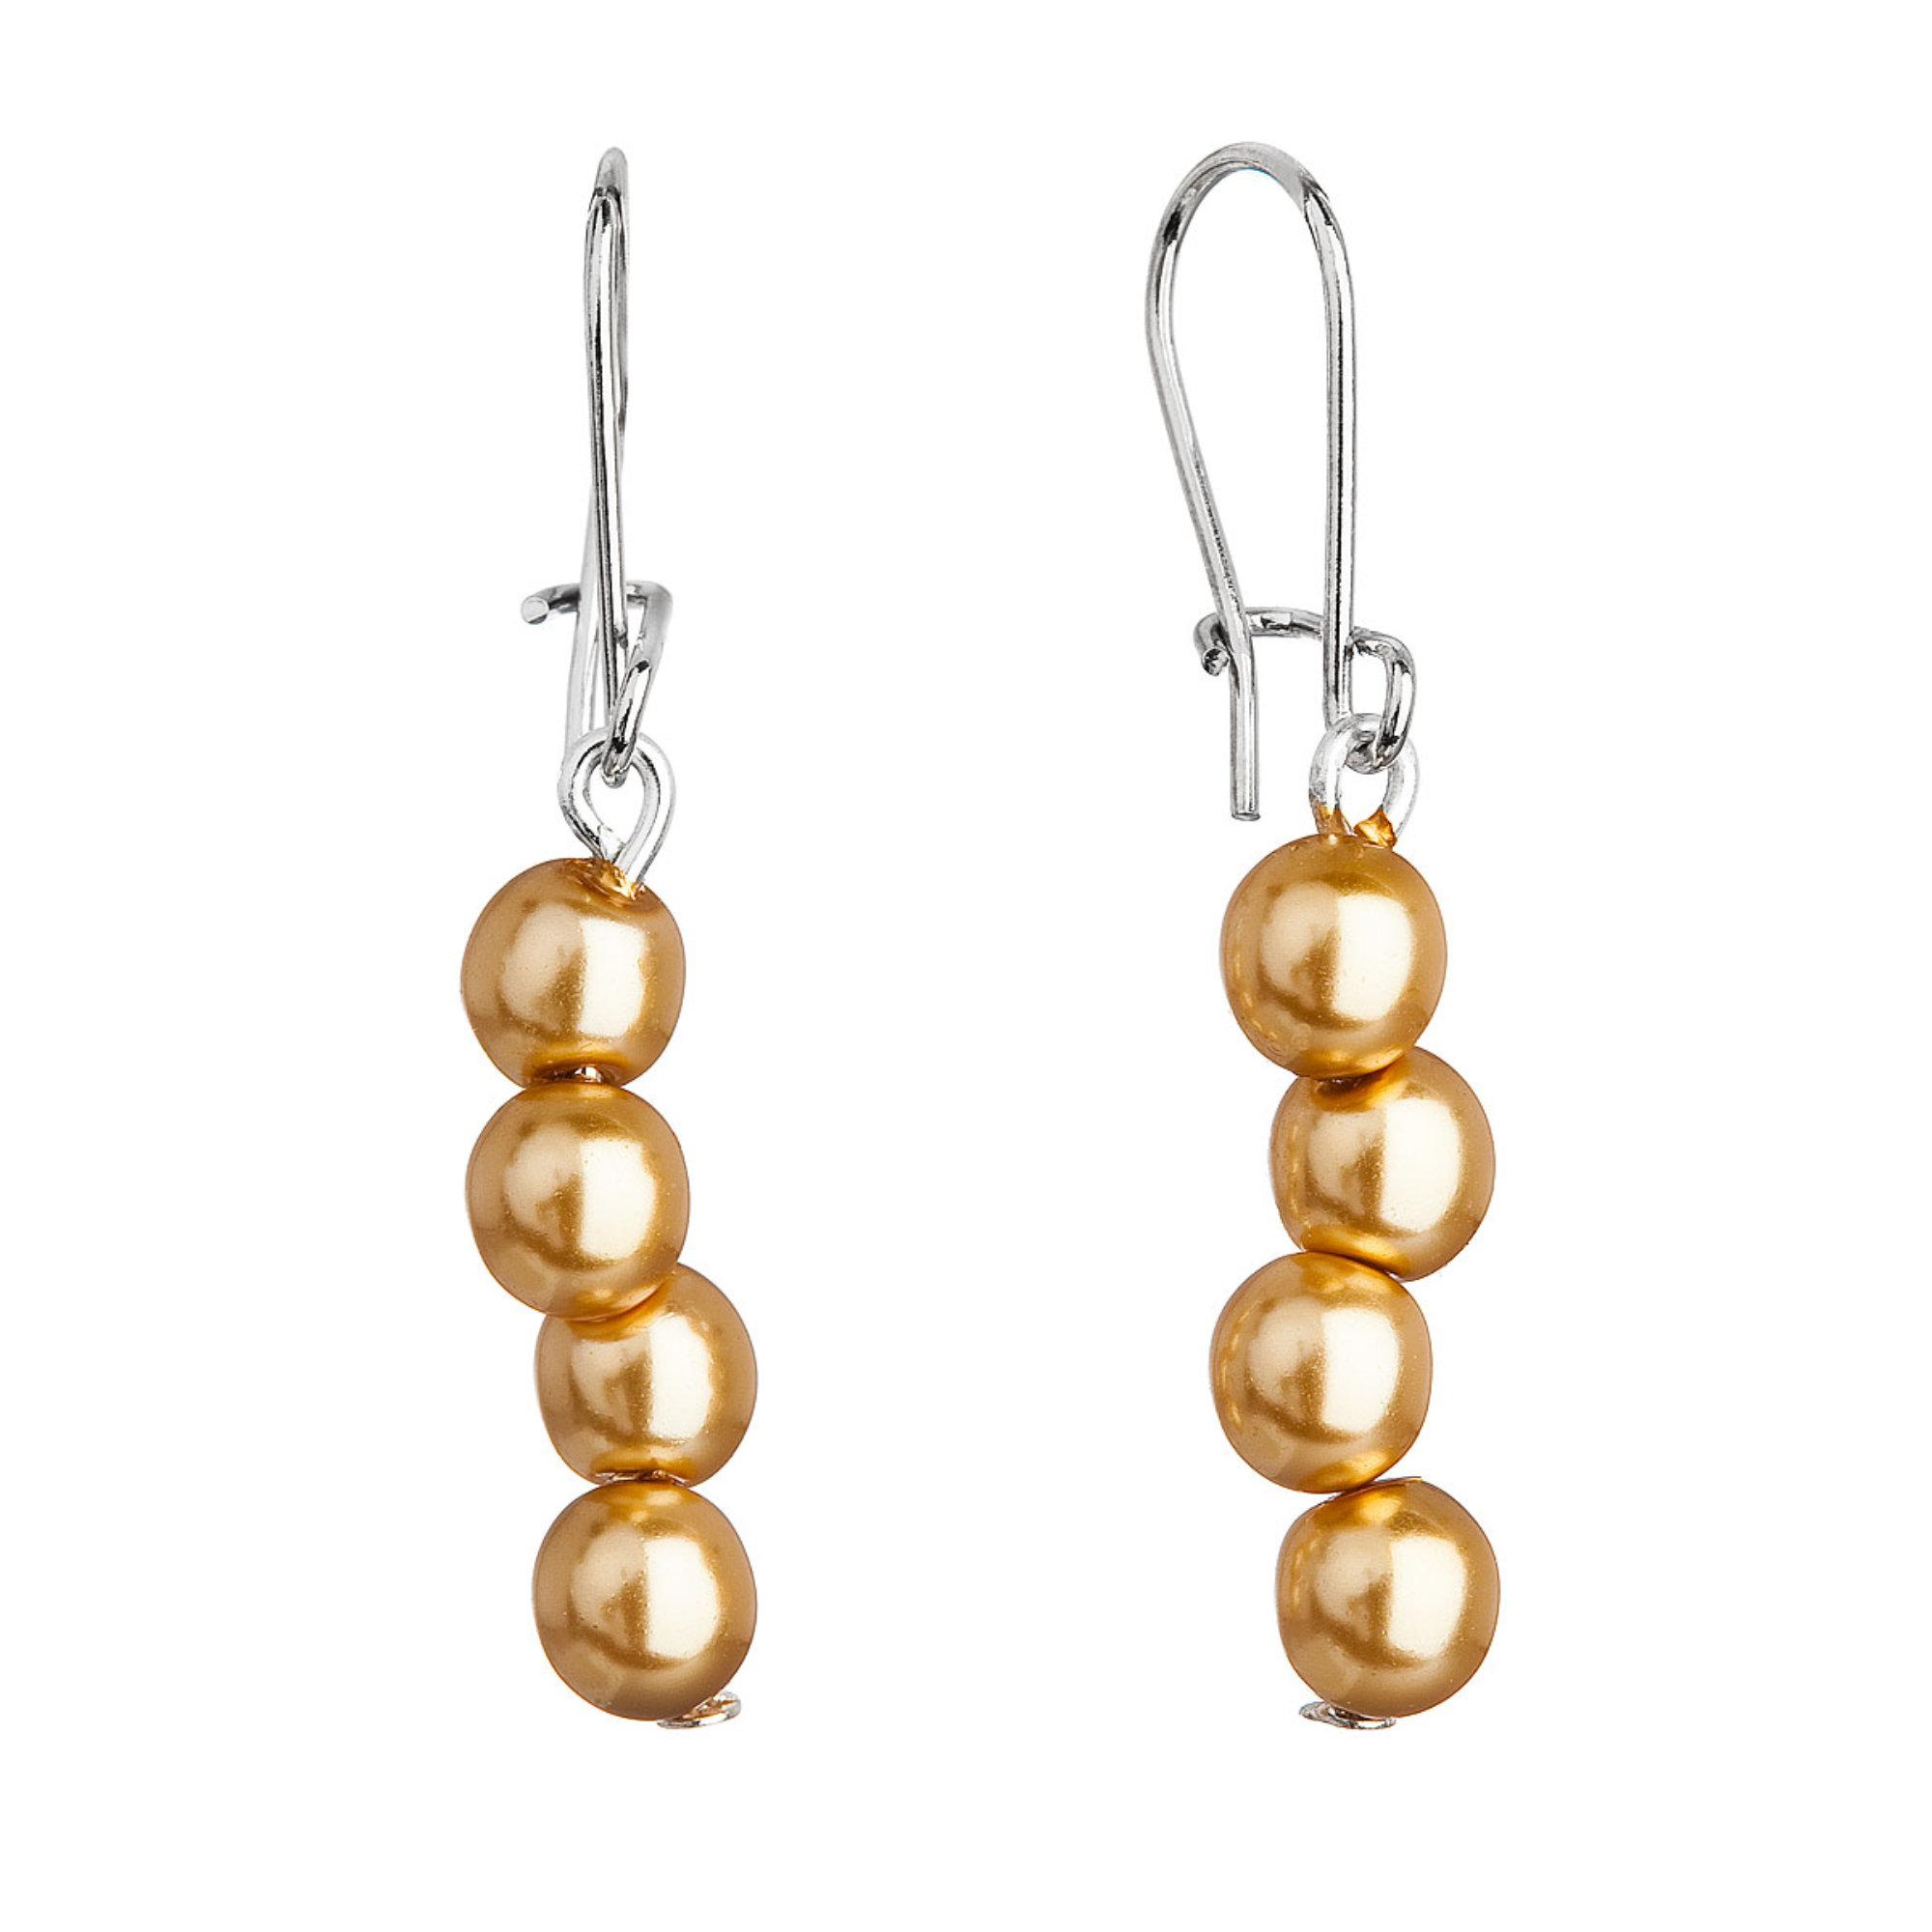 Visiace náušnice so zlatými perlami 71127.3 gold